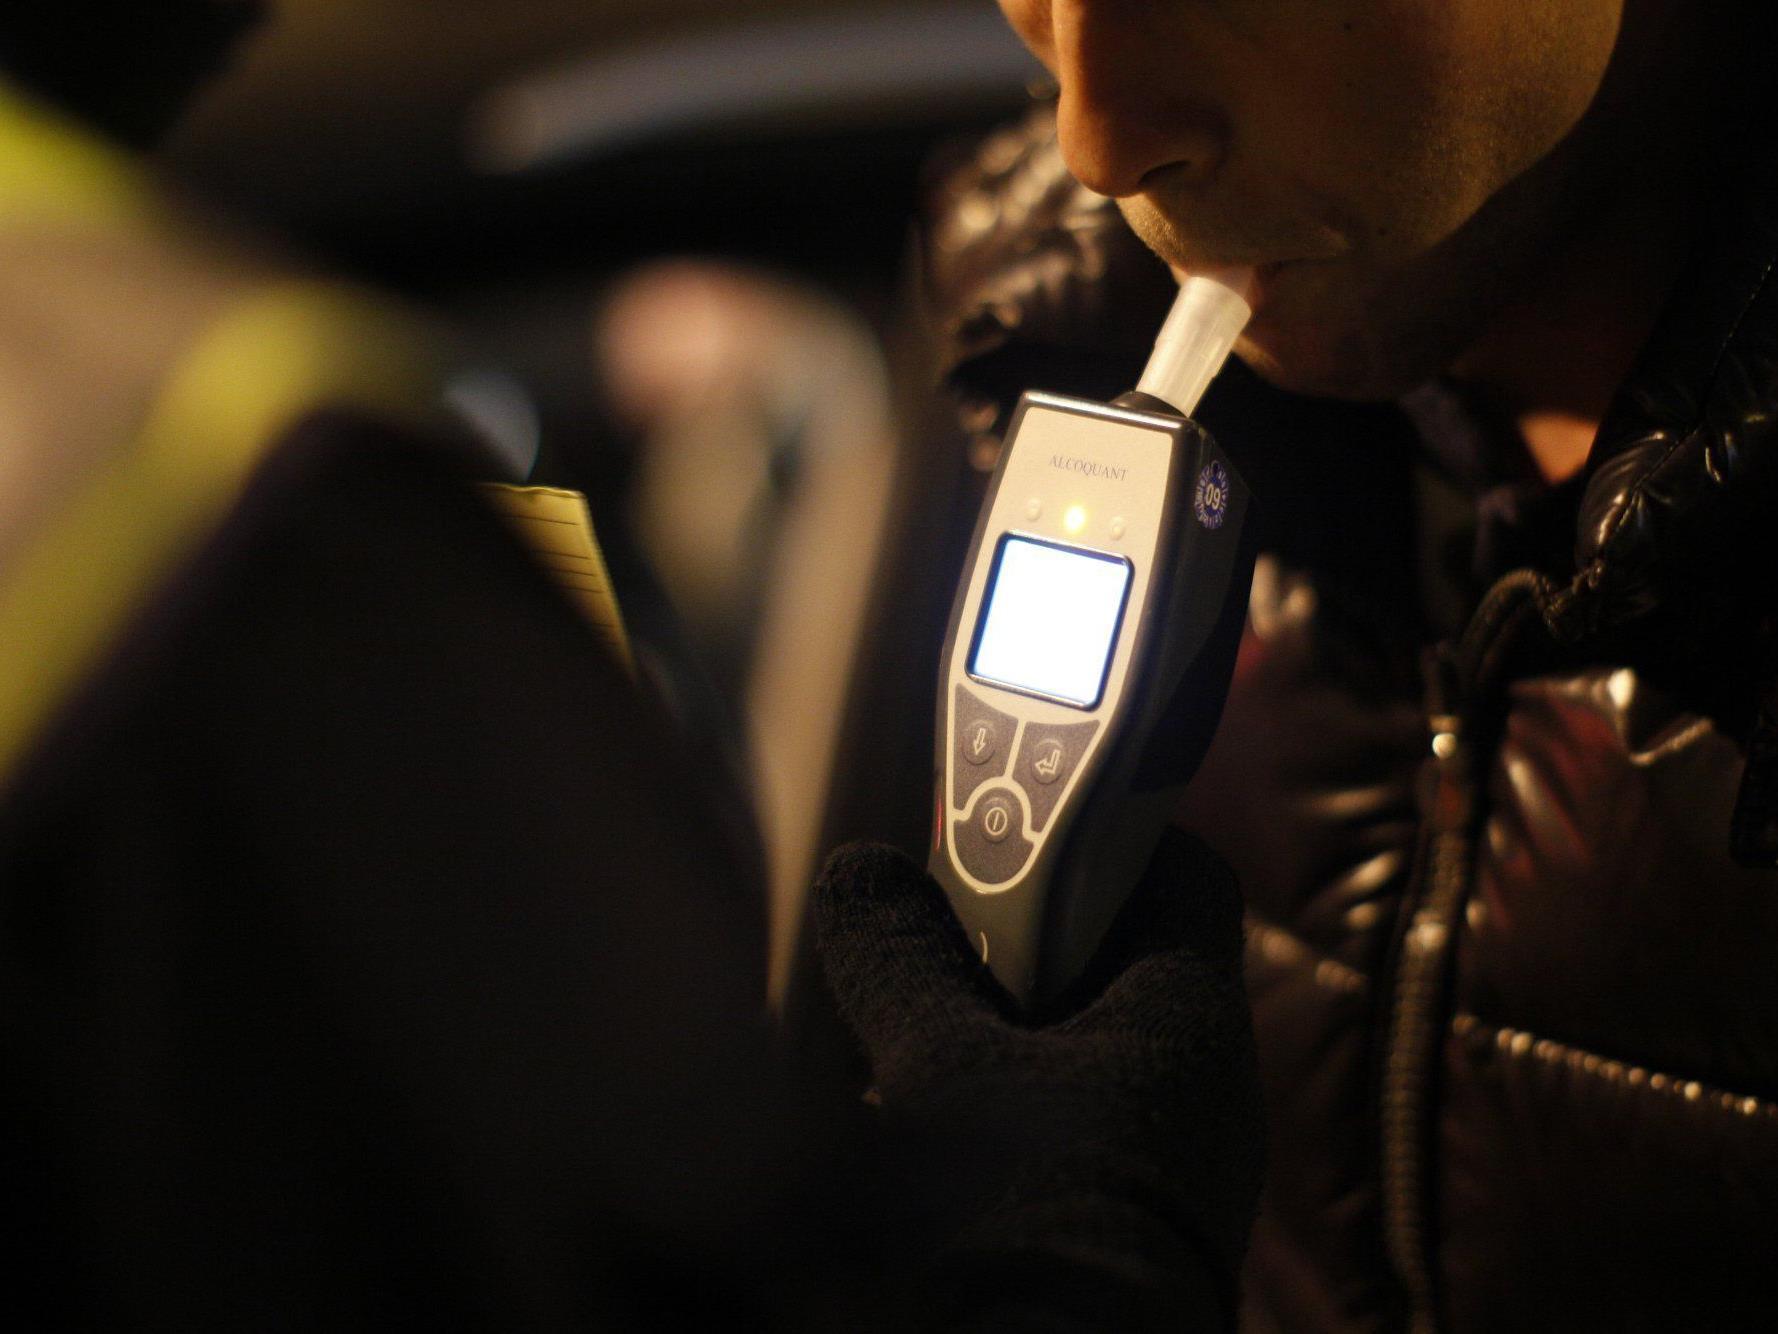 1,92 Promille zeigte der Alkomat an - dem Rumänen wurde der Führerschein entzogen.